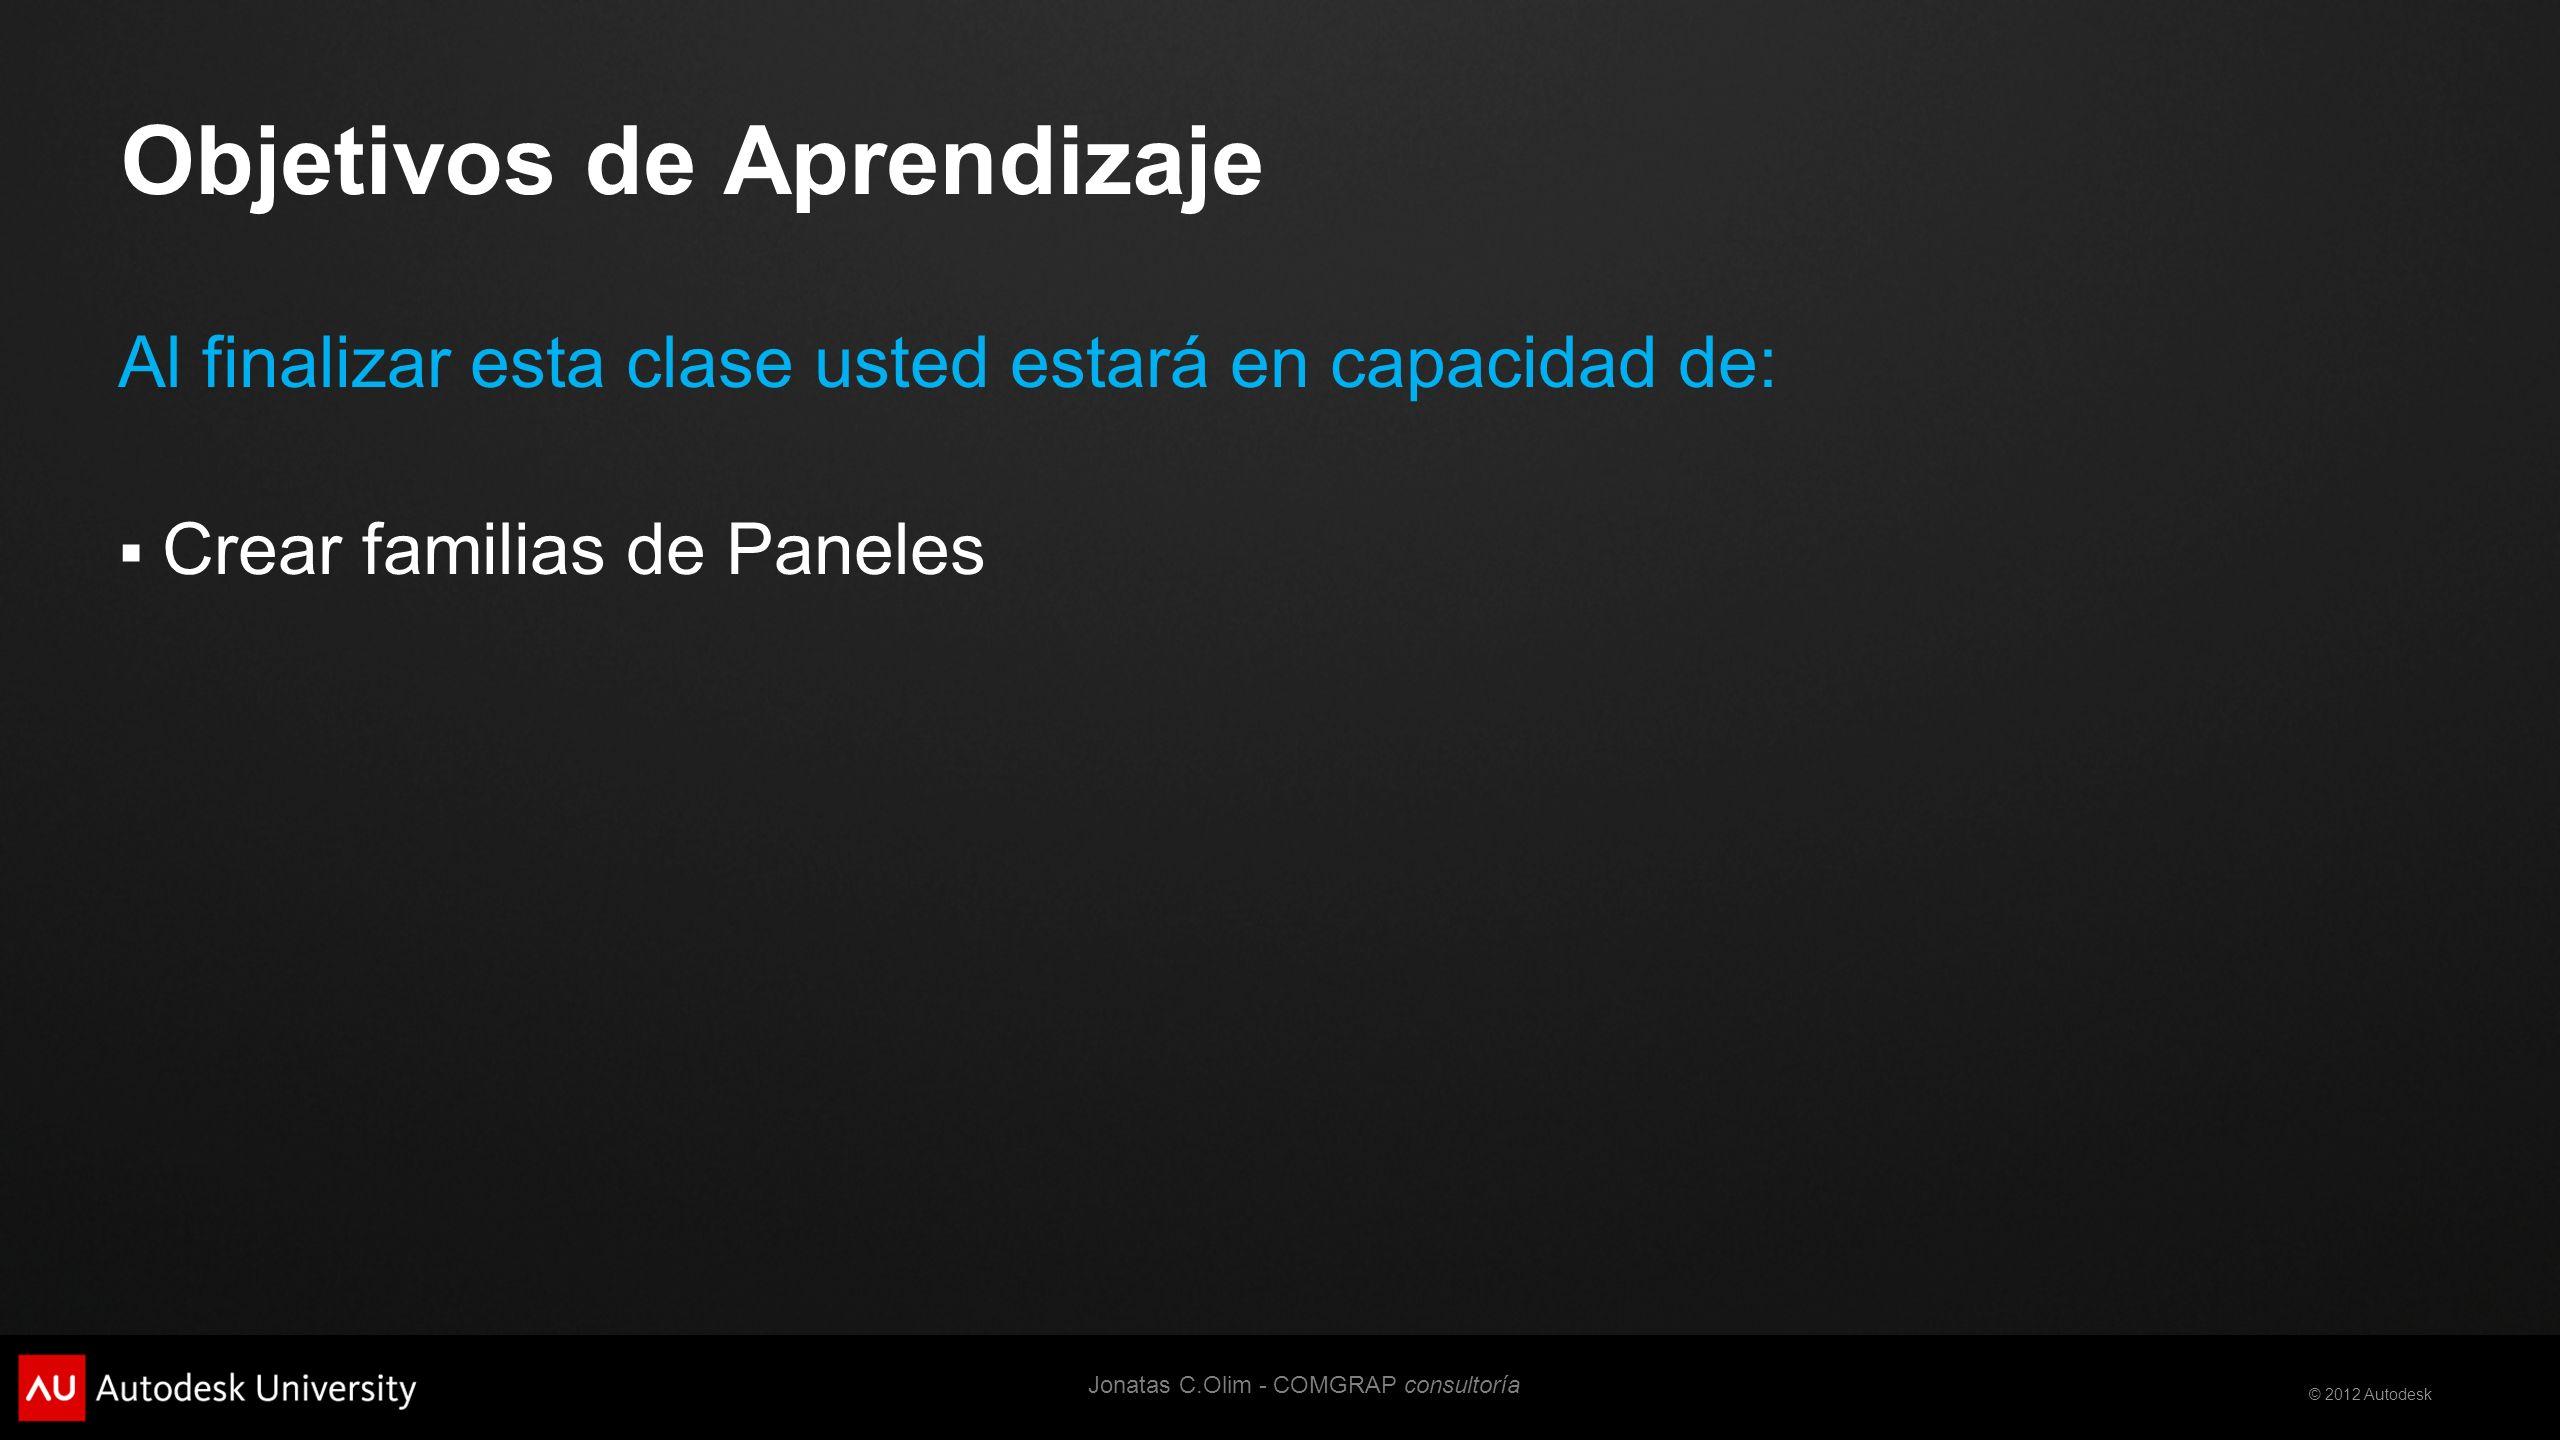 © 2012 Autodesk Objetivos de Aprendizaje Al finalizar esta clase usted estará en capacidad de: Crear familias de Paneles Jonatas C.Olim - COMGRAP consultoría